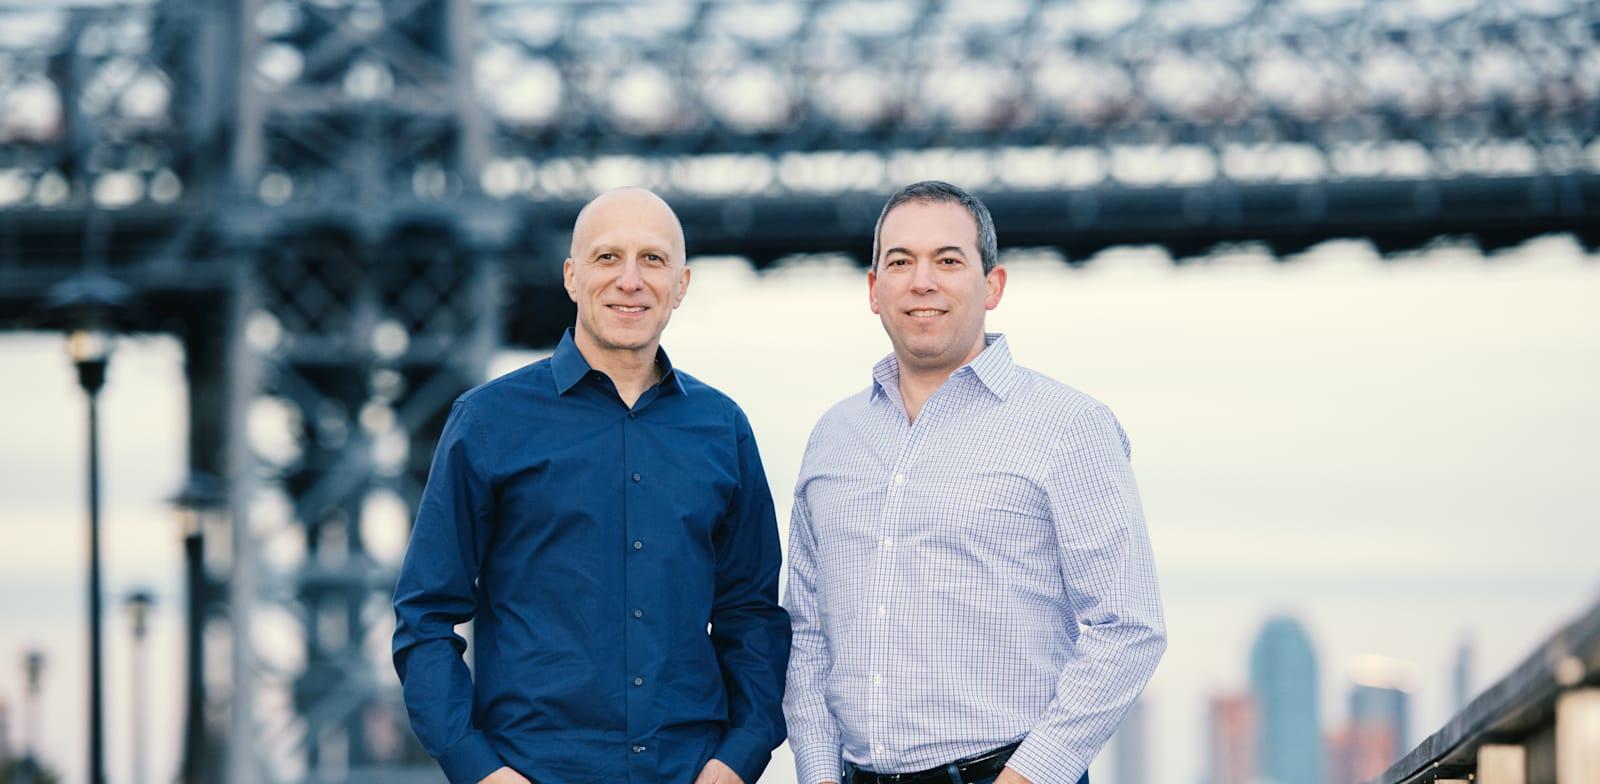 """ירון גלאי (מימין) ודייויד קוסטמן (משמאל), מנכ""""לים משותפים של אאוטבריין / צילום: נועם גלאי"""